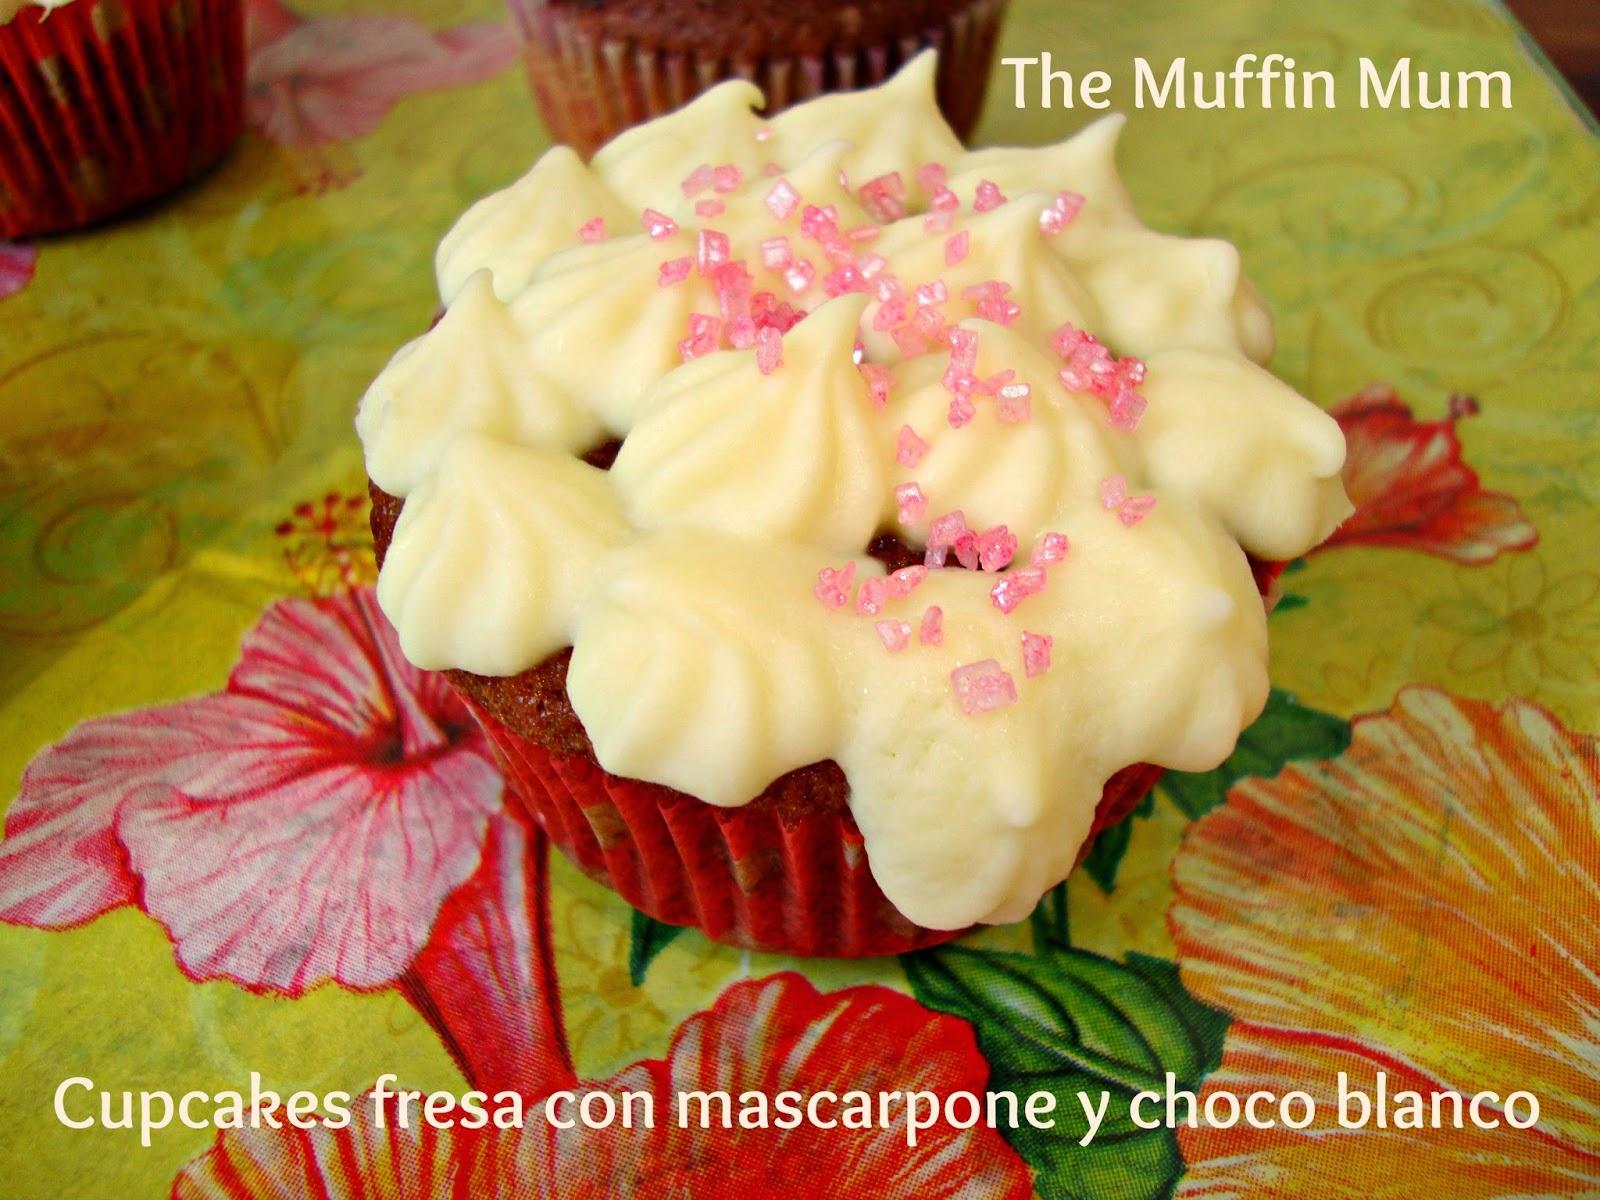 Cupcakes de fresa con mascarpone y chocolate blanco